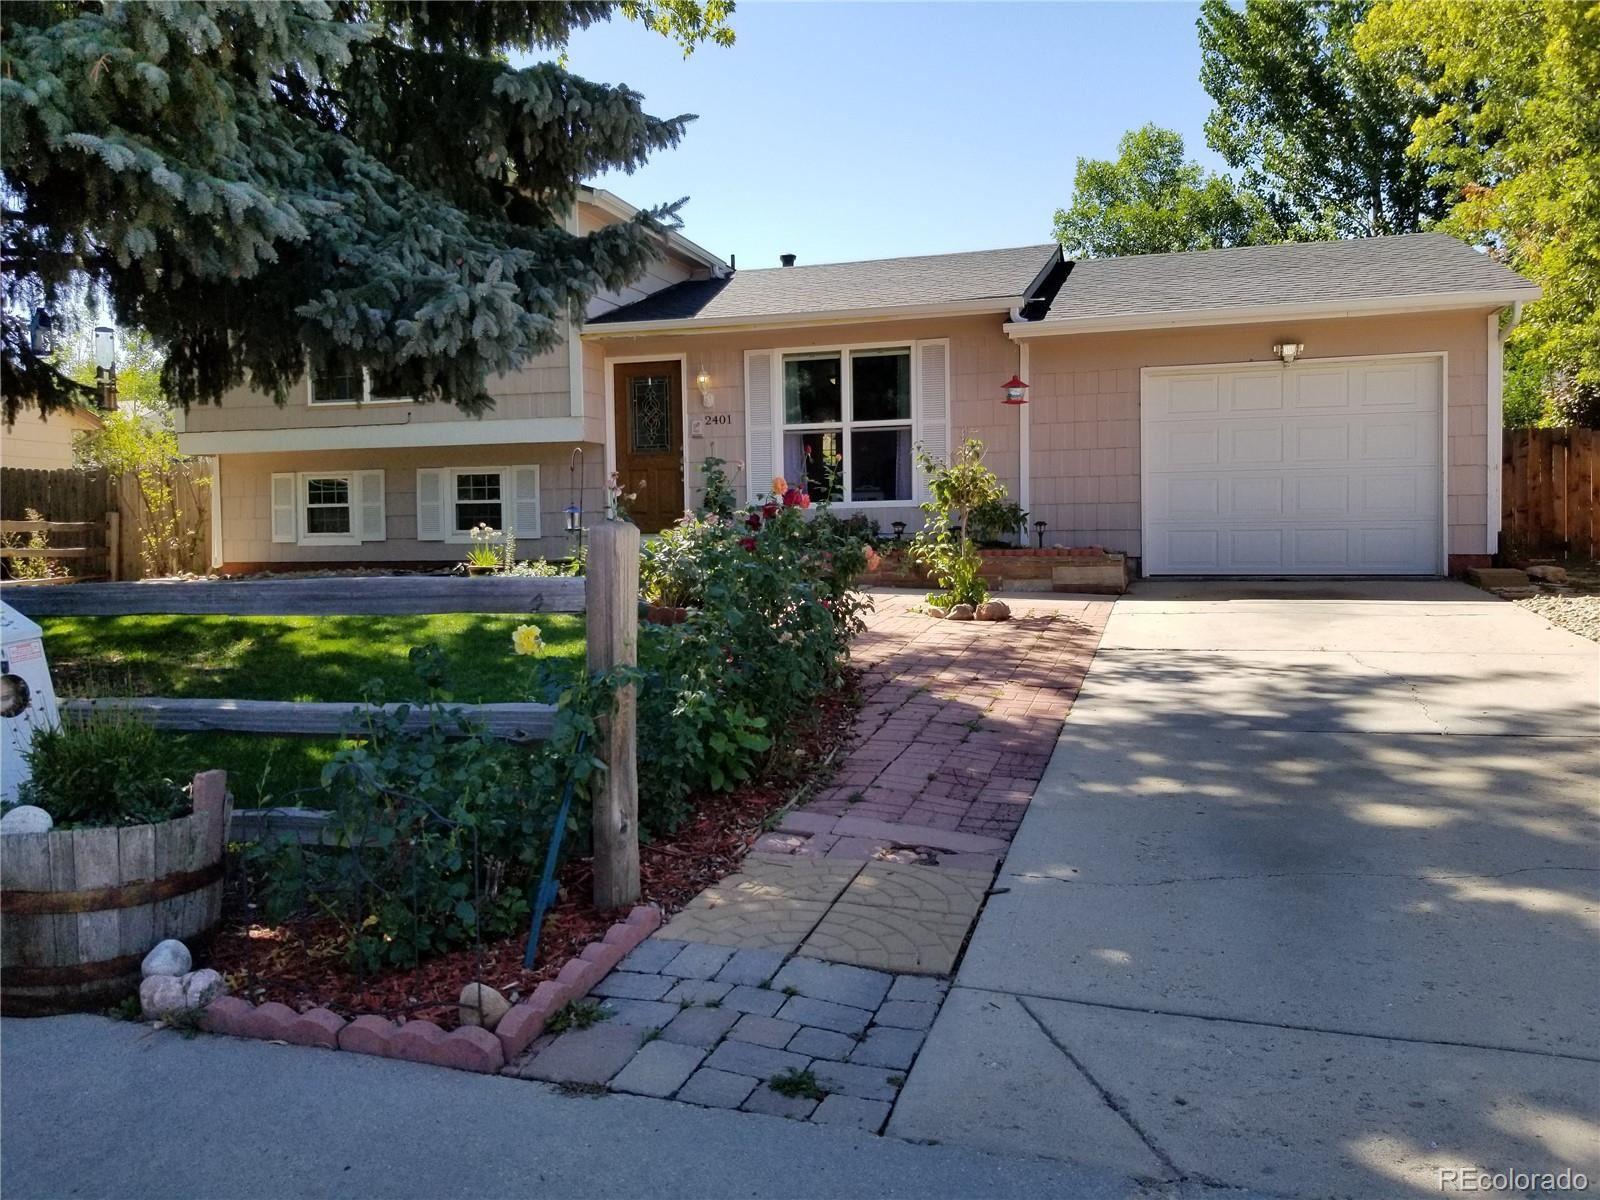 2401 Bowen Street, Longmont, CO 80501 - MLS#: 1871516